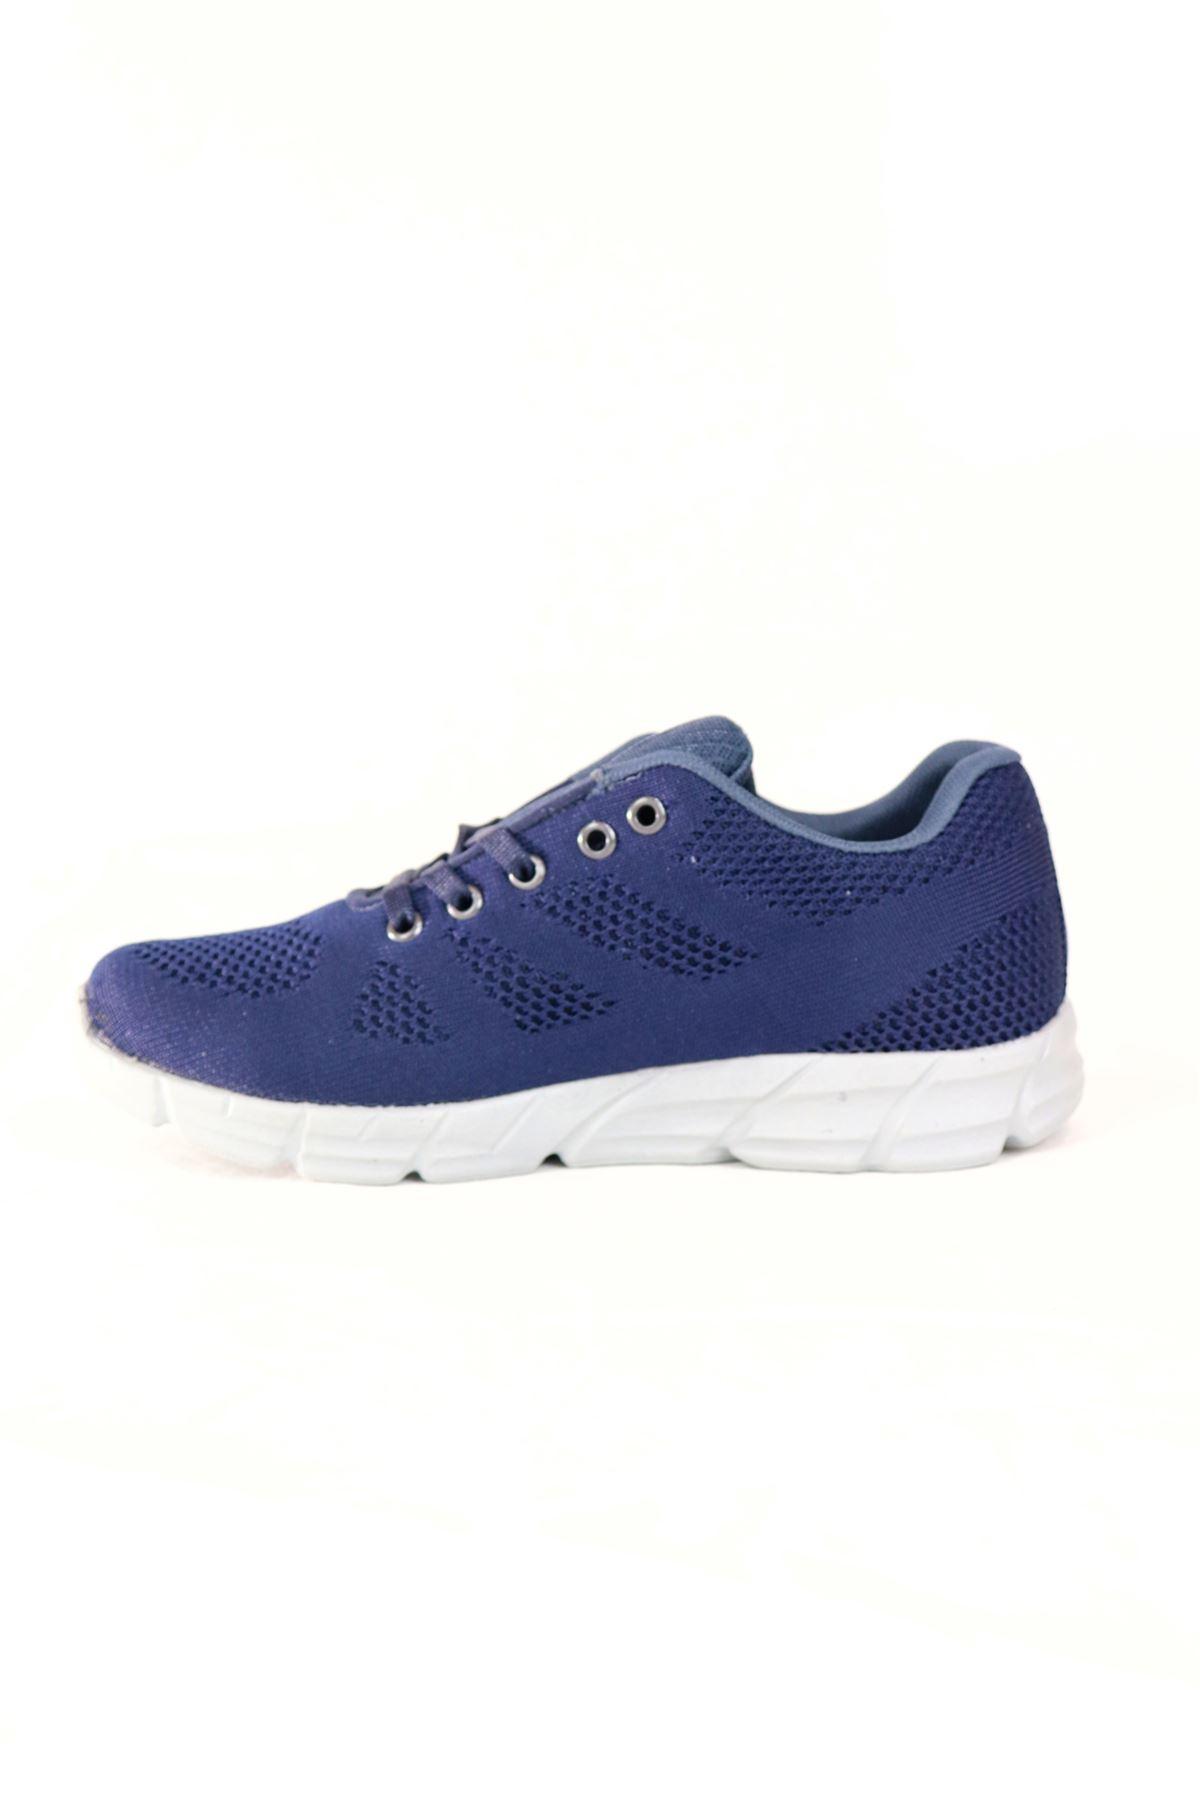 SCOOTER - Genlight- Lacivert Kadın Spor Ayakkabısı